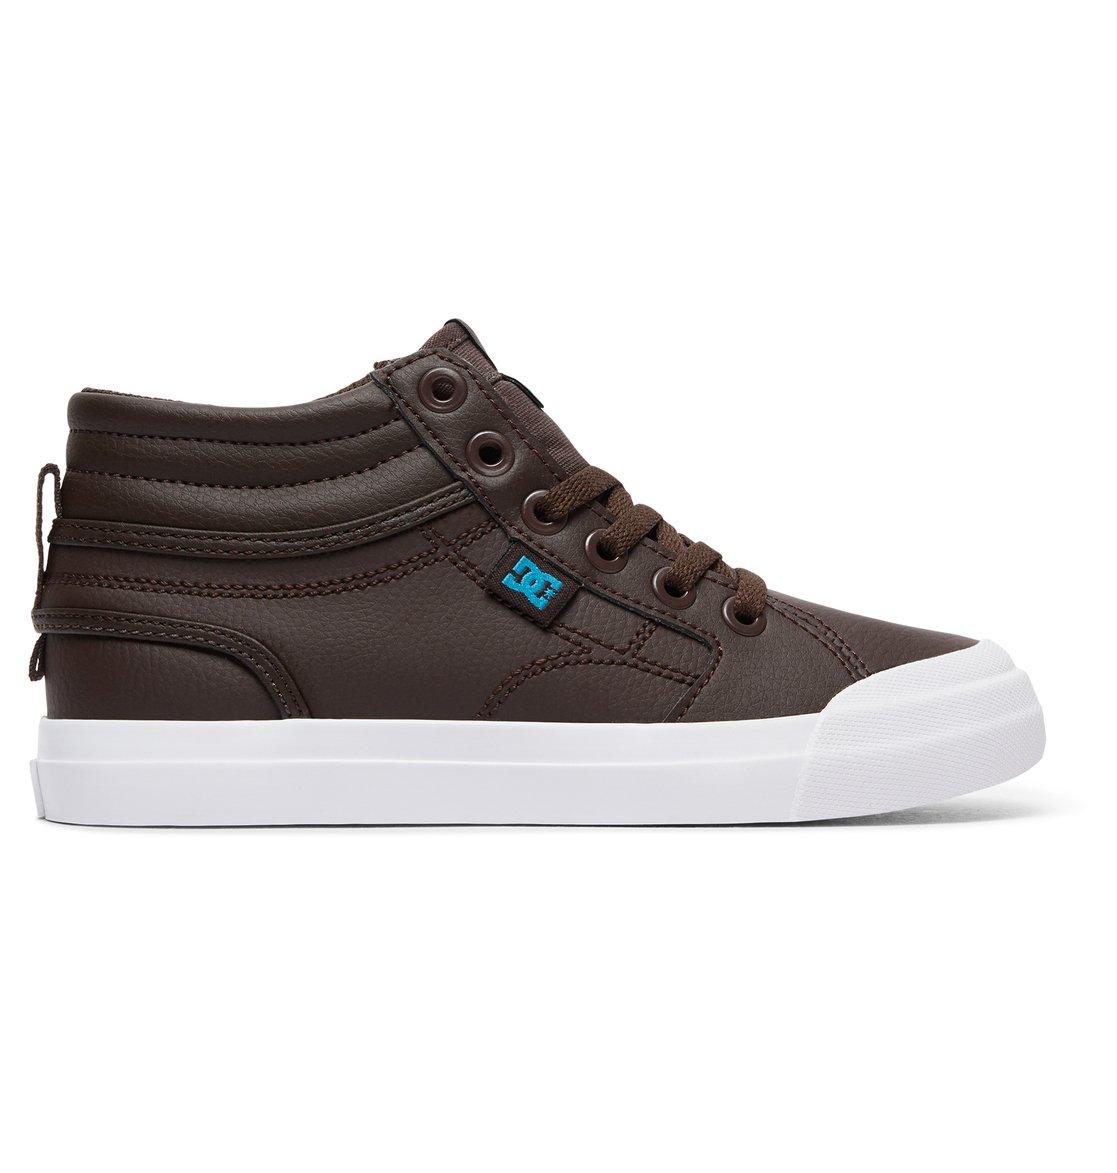 Evan Hi SE - Chaussures montantes pour Garçon - DC Shoes